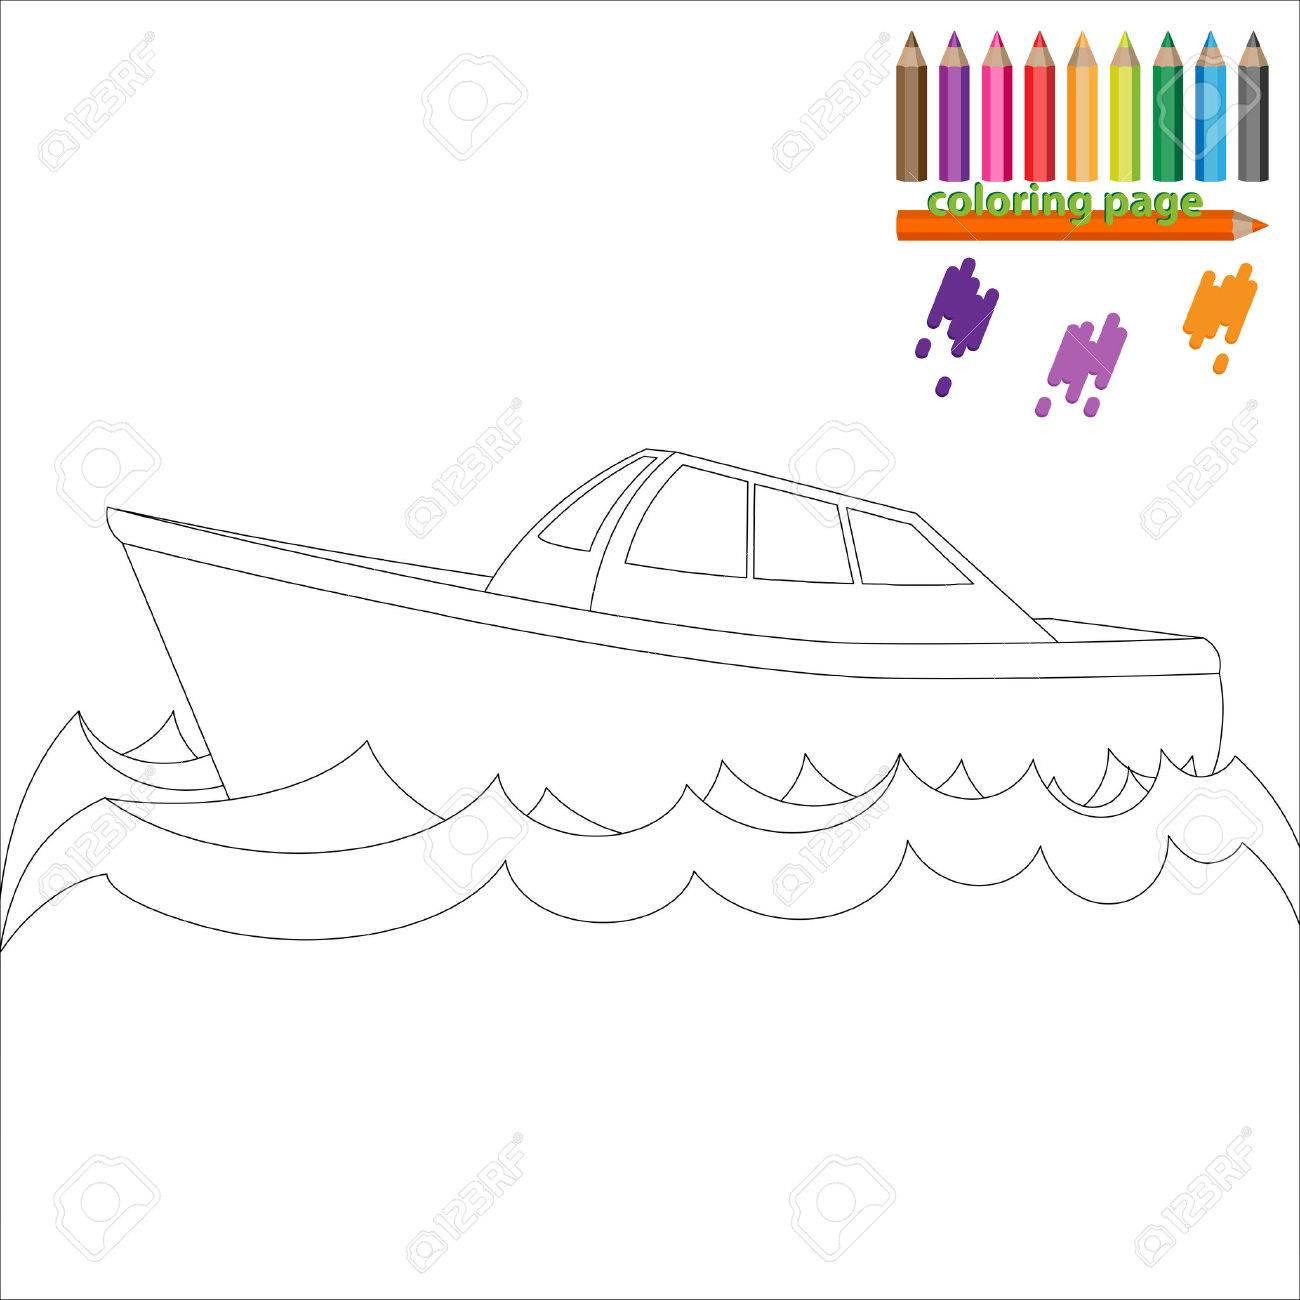 Schön Boot Malvorlagen Für Kinder Bilder - Malvorlagen Von Tieren ...